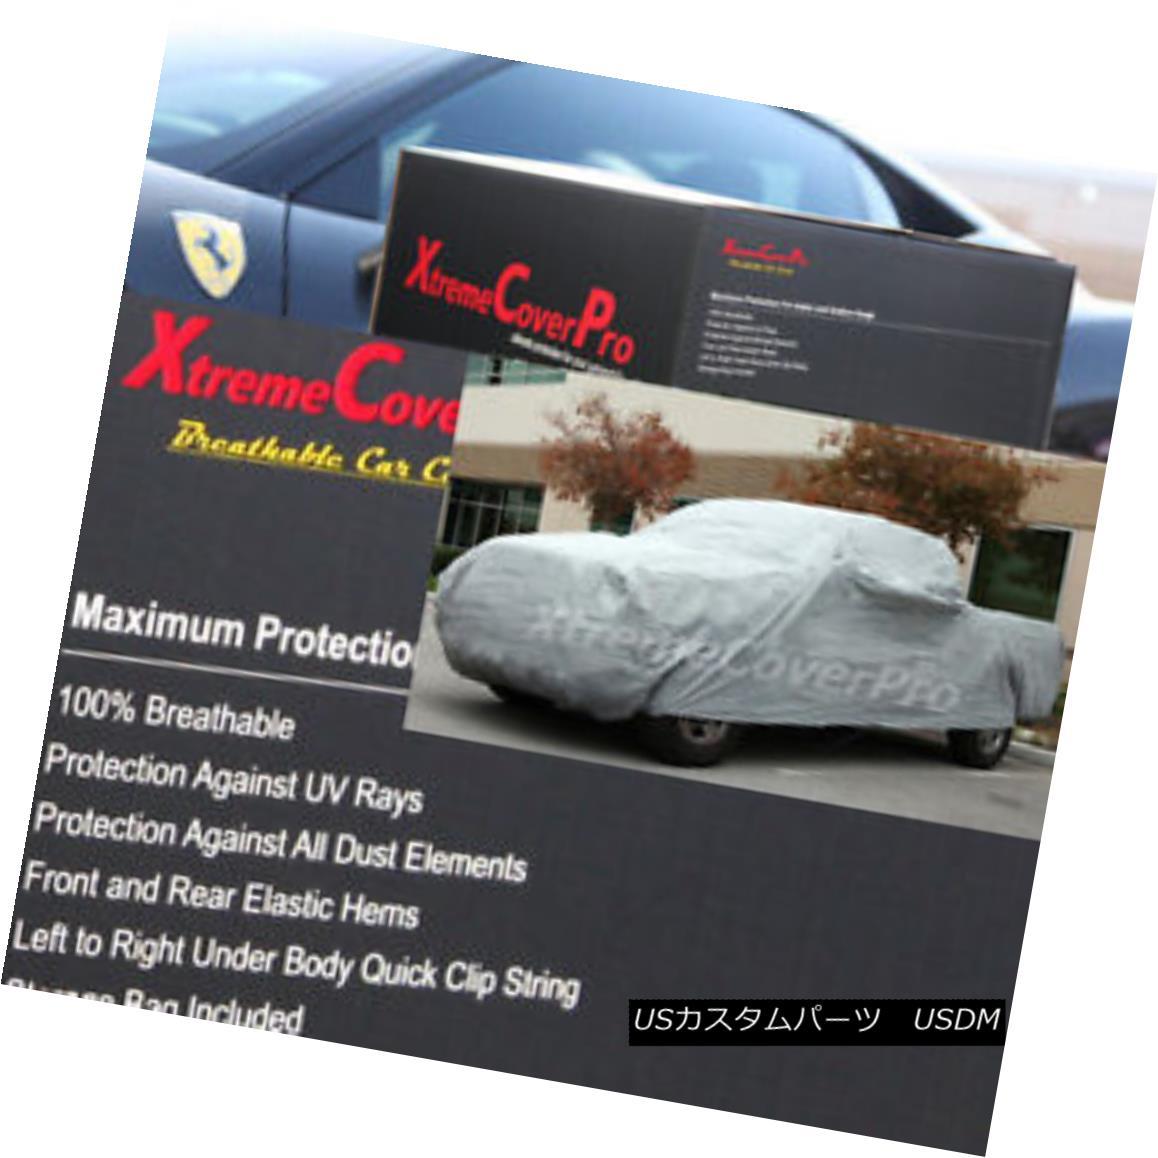 カーカバー 1997 1998 1999 2000 Chevy C/K 2500 Reg Cab 8ft Long Bed Breathable Truck Cover 1997 1998 1999 2000 Chevy C / K 2500 Reg Cab 8ftロングベッド通気性トラックカバー